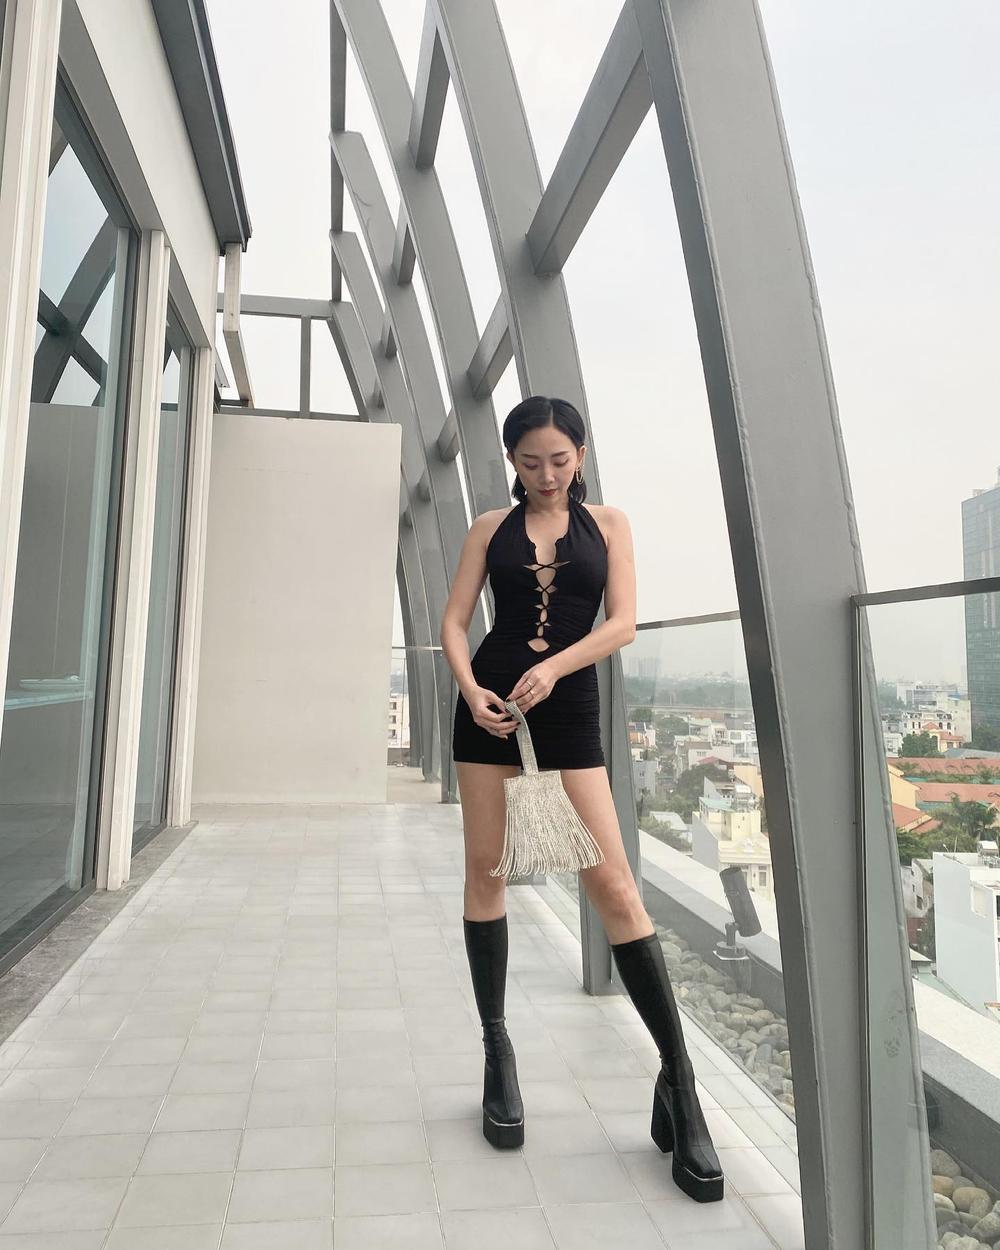 Tóc Tiên khoe khéo vóc dáng trong mơ với bodysuit đan dây chéo ngực Ảnh 3